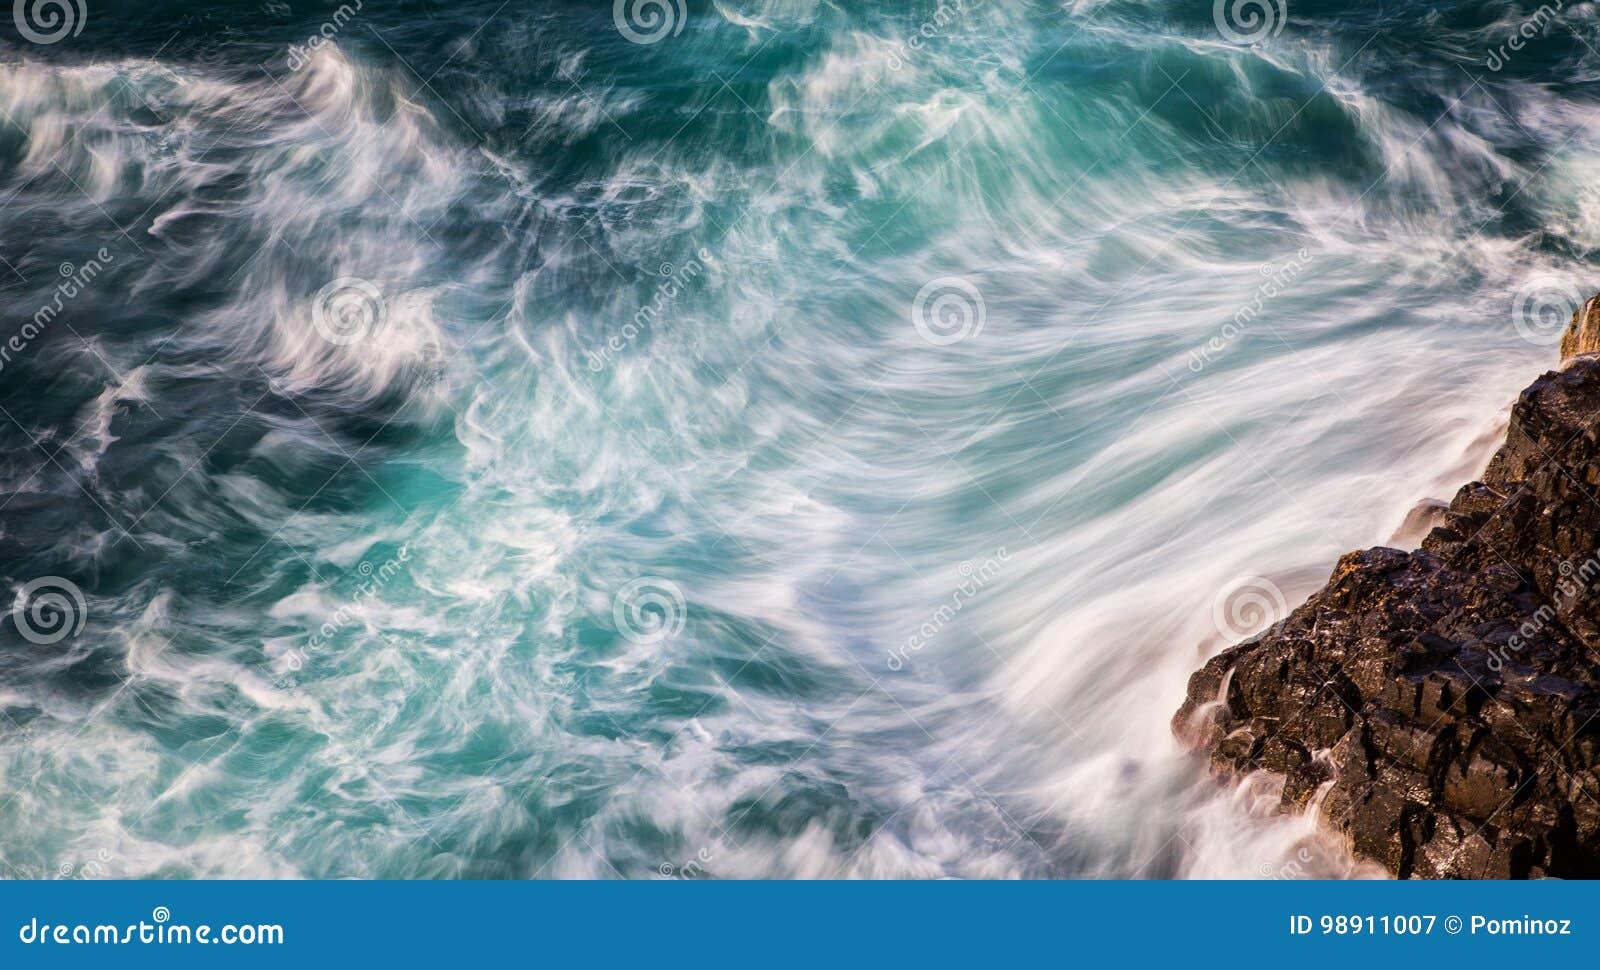 Extracto de olas oceánicas